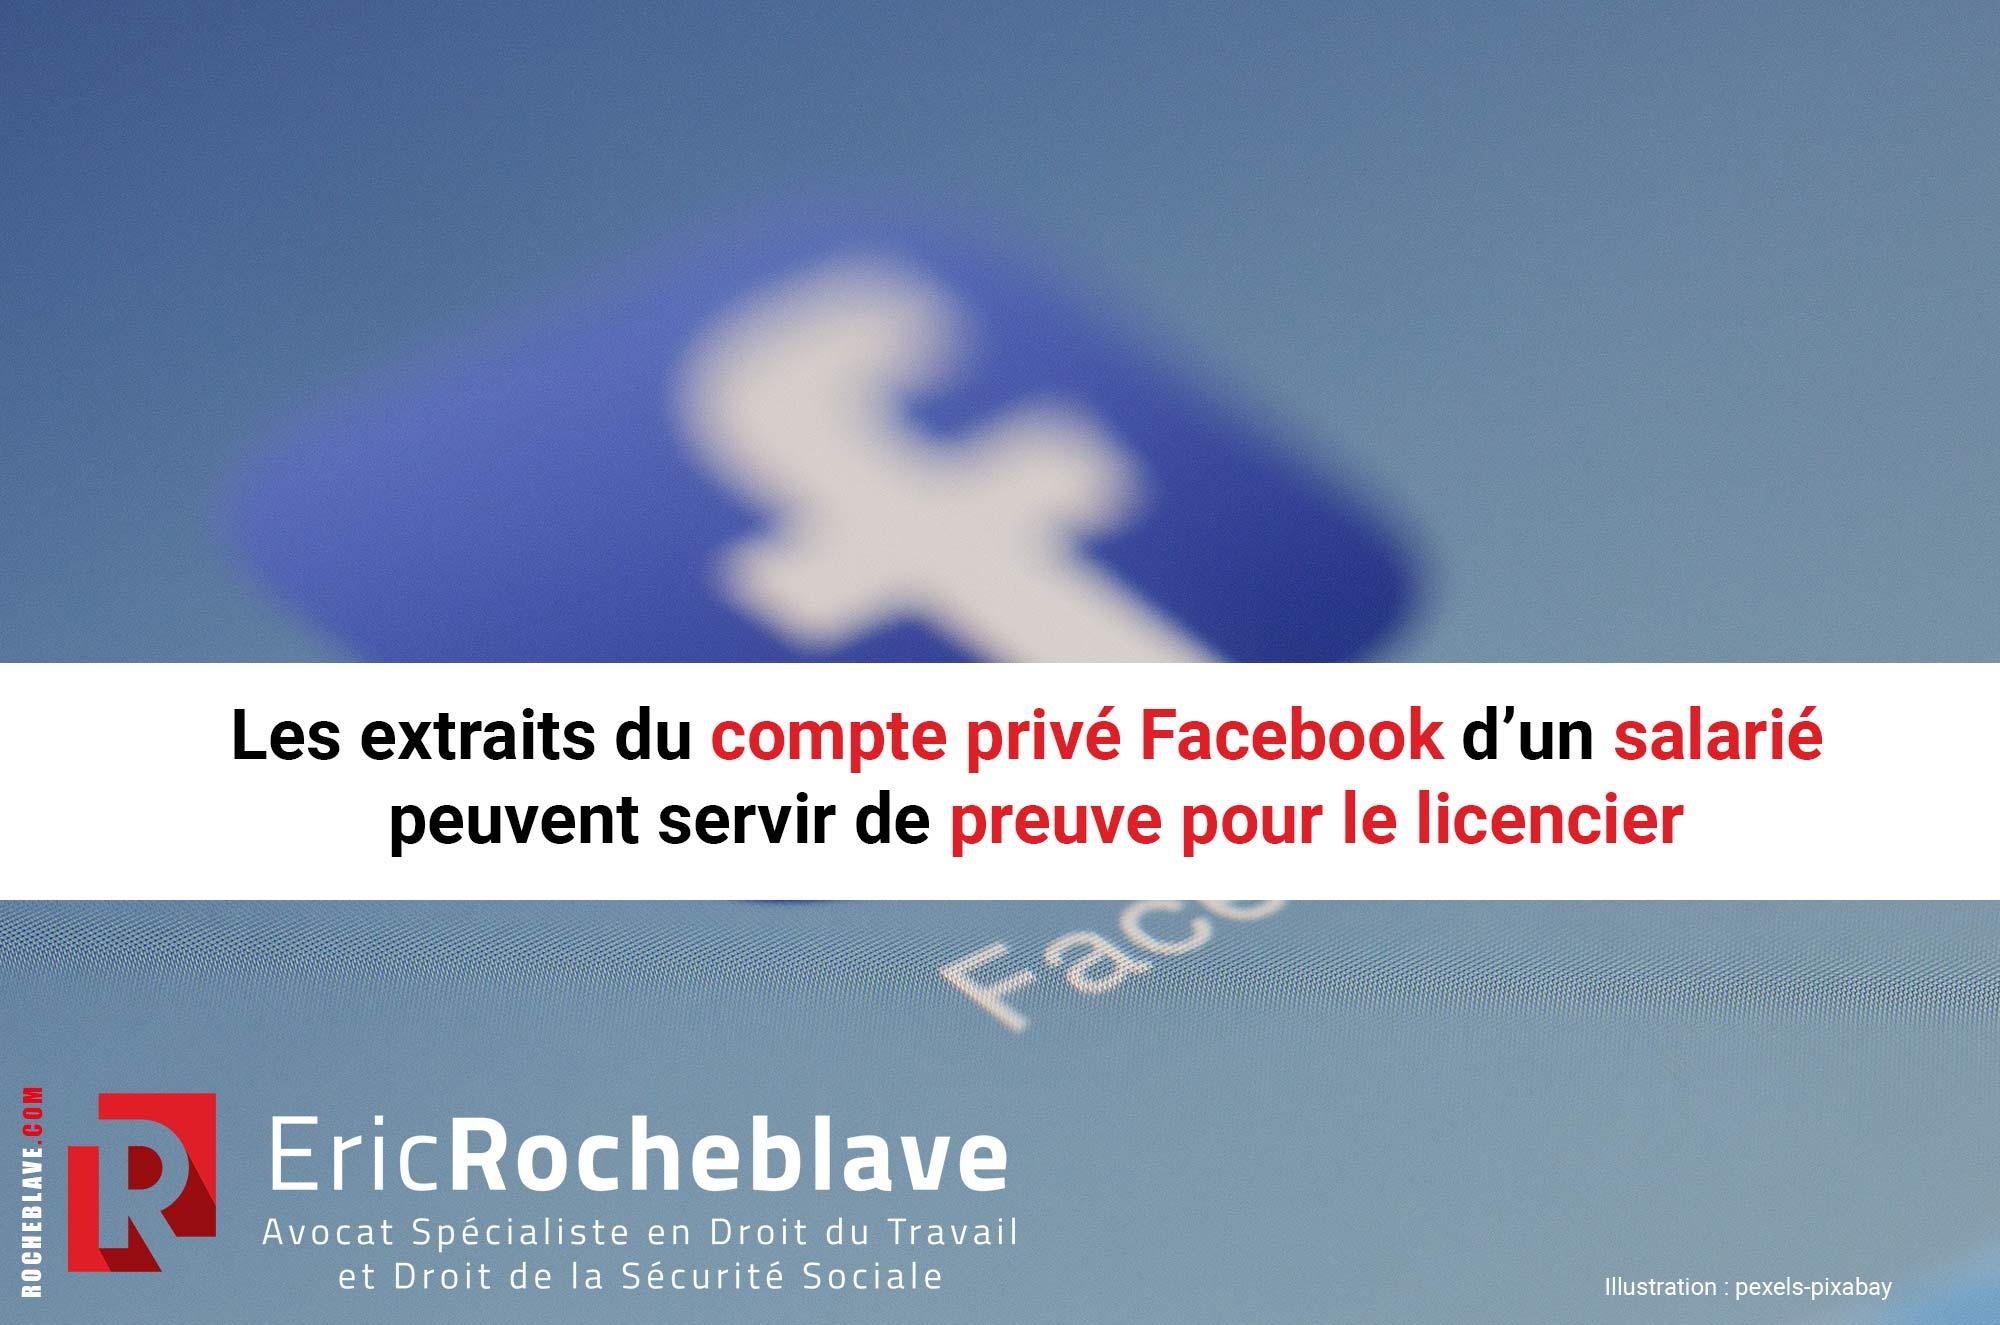 Les extraits du compte privé Facebook d'un salarié peuvent servir de preuve pour le licencier